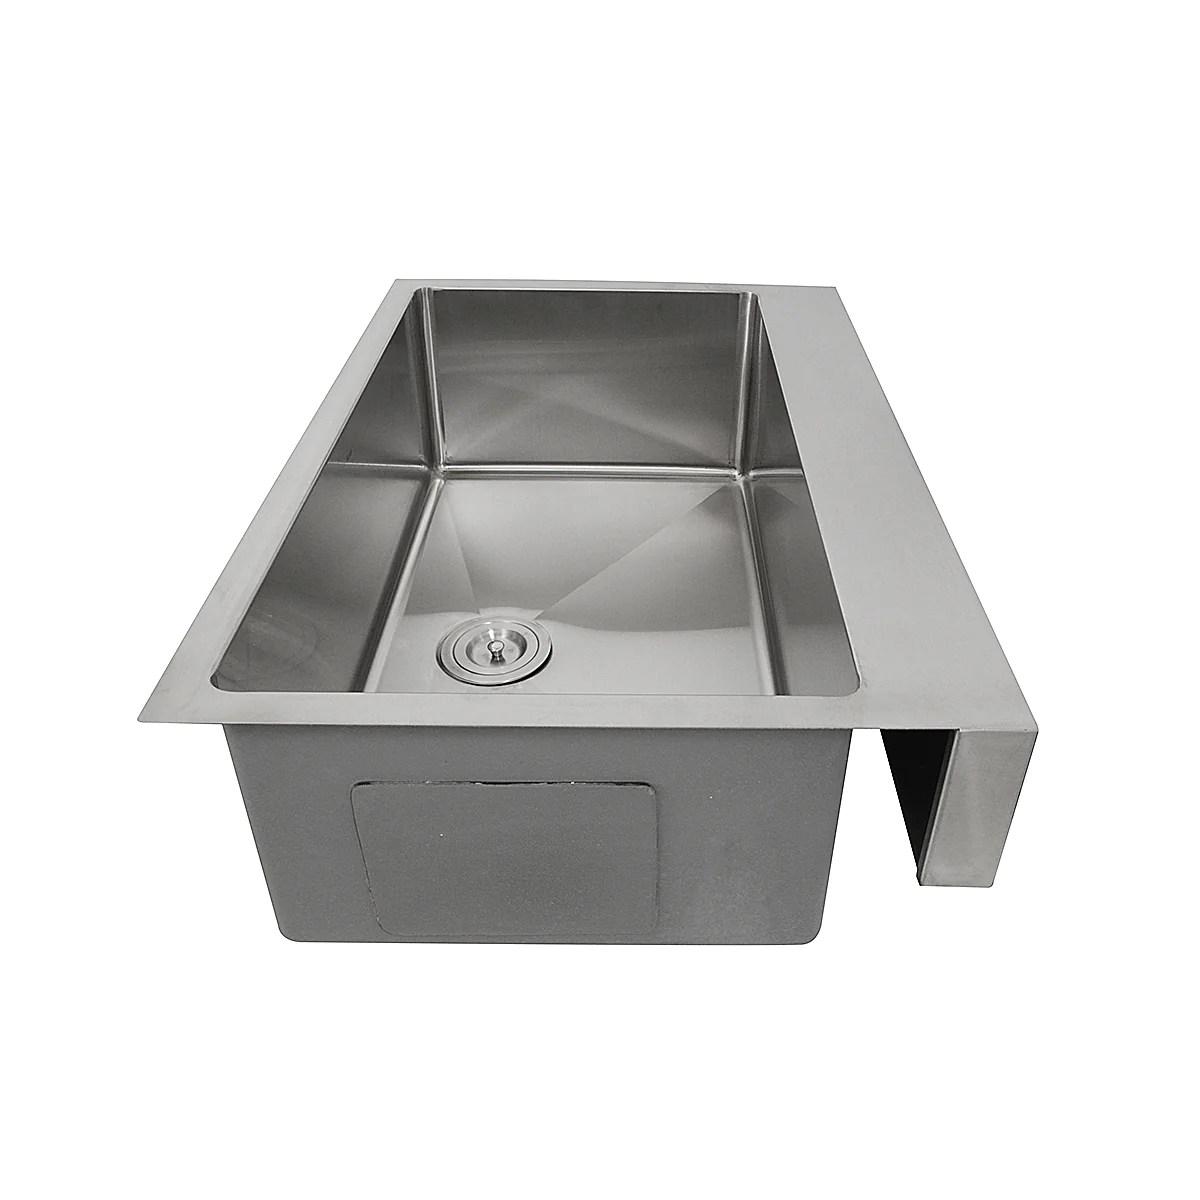 nantucket sinks pro series 33 stainless steel retrofit farmhouse sink ezapron33 5 5